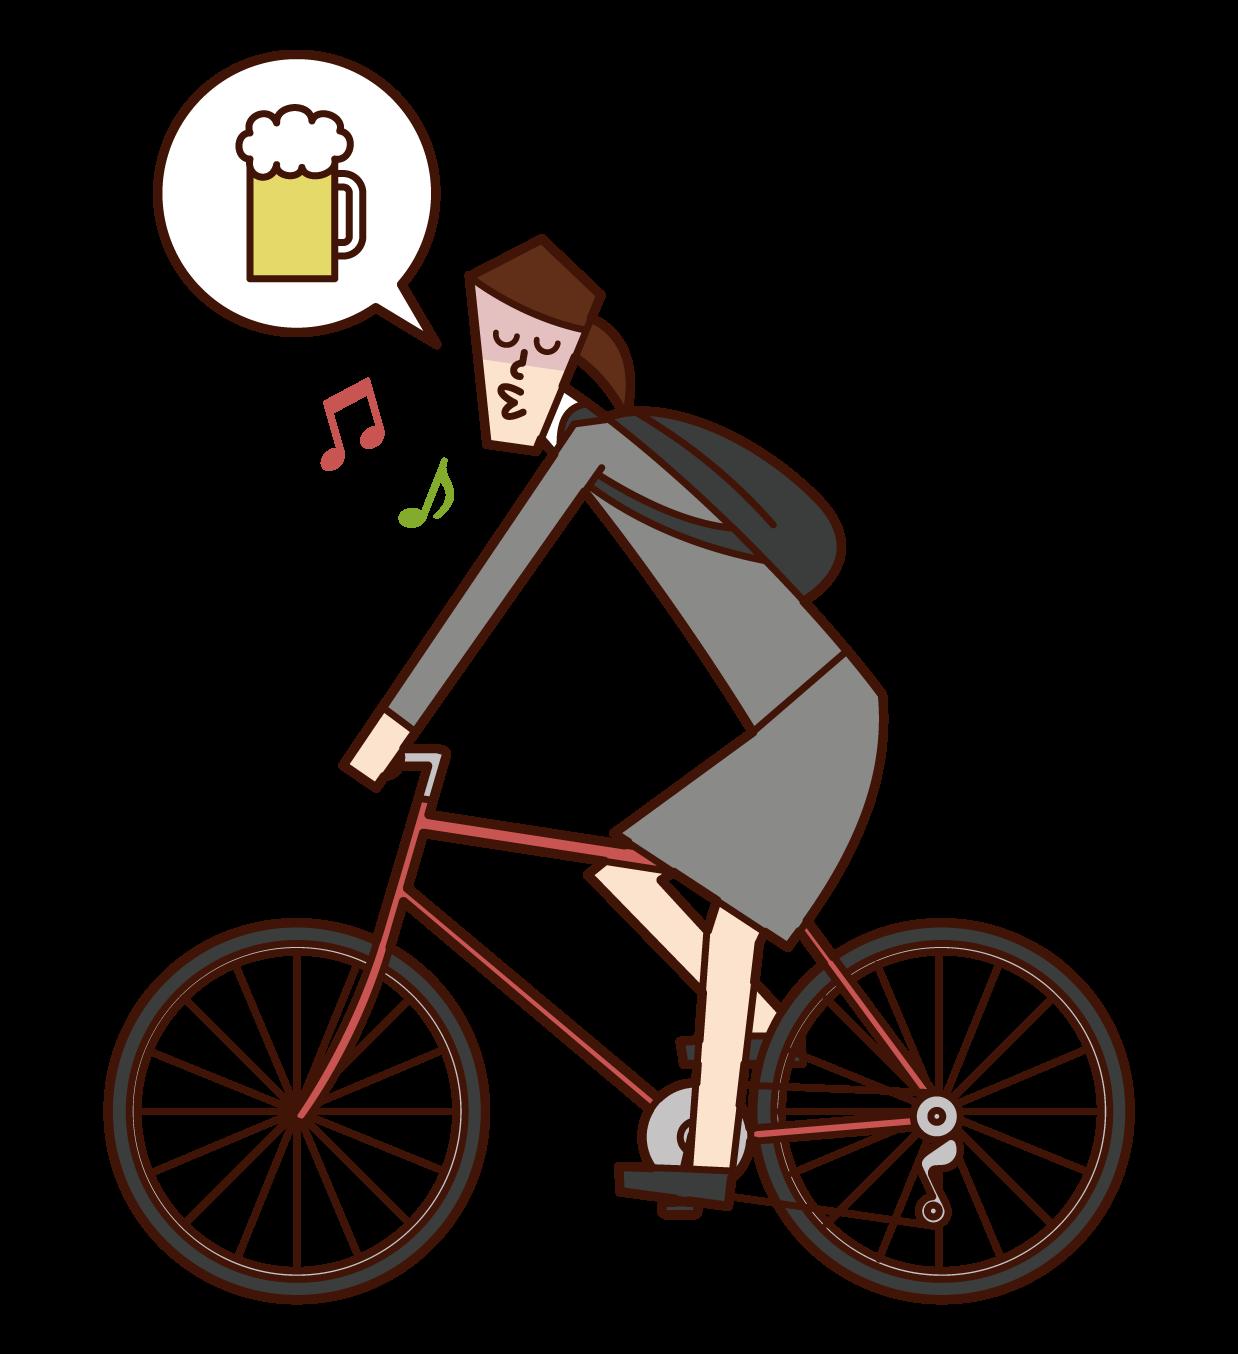 자전거로 음주 운전을 하는 사람(여성)의 일러스트